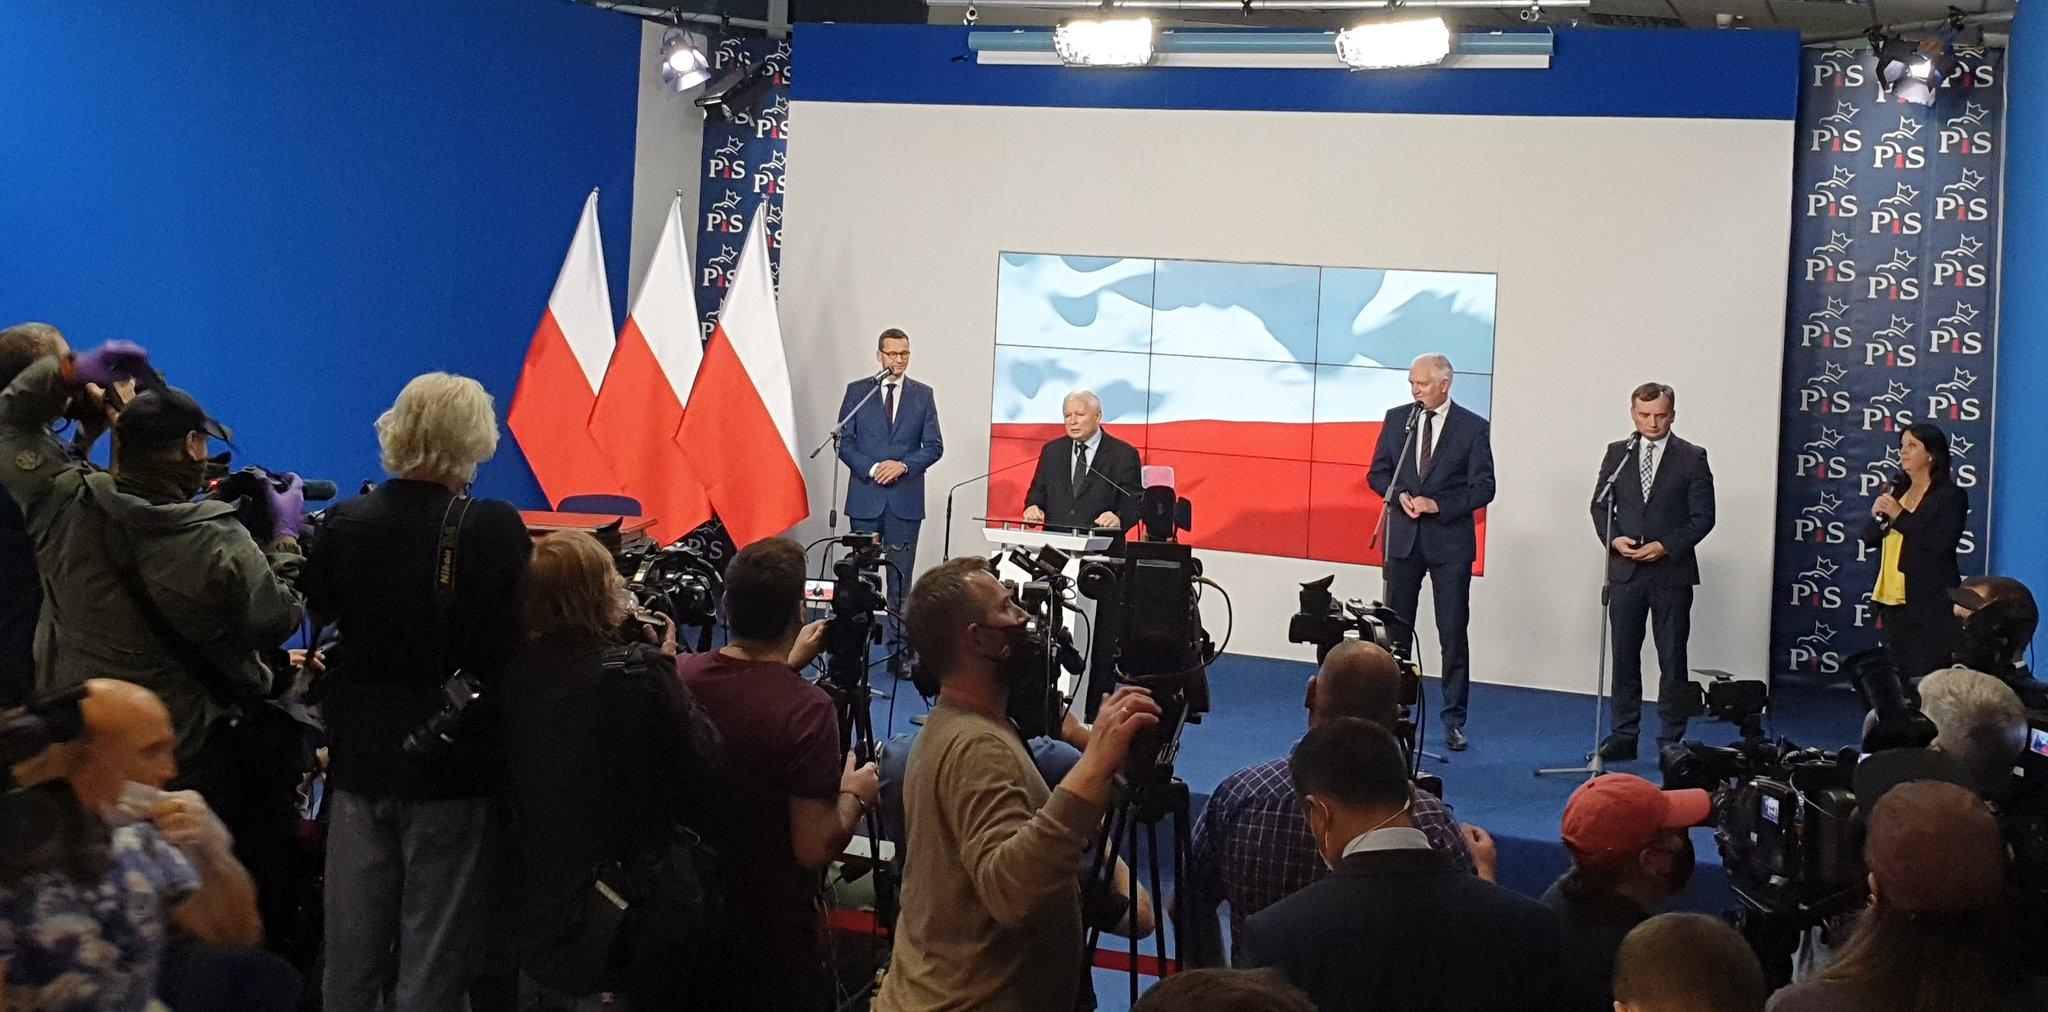 Rekonstrukcja rządu. Zjednoczona Prawica nadal trwa. Jest umowa PiS, Porozumienia i Solidarnej Polski.